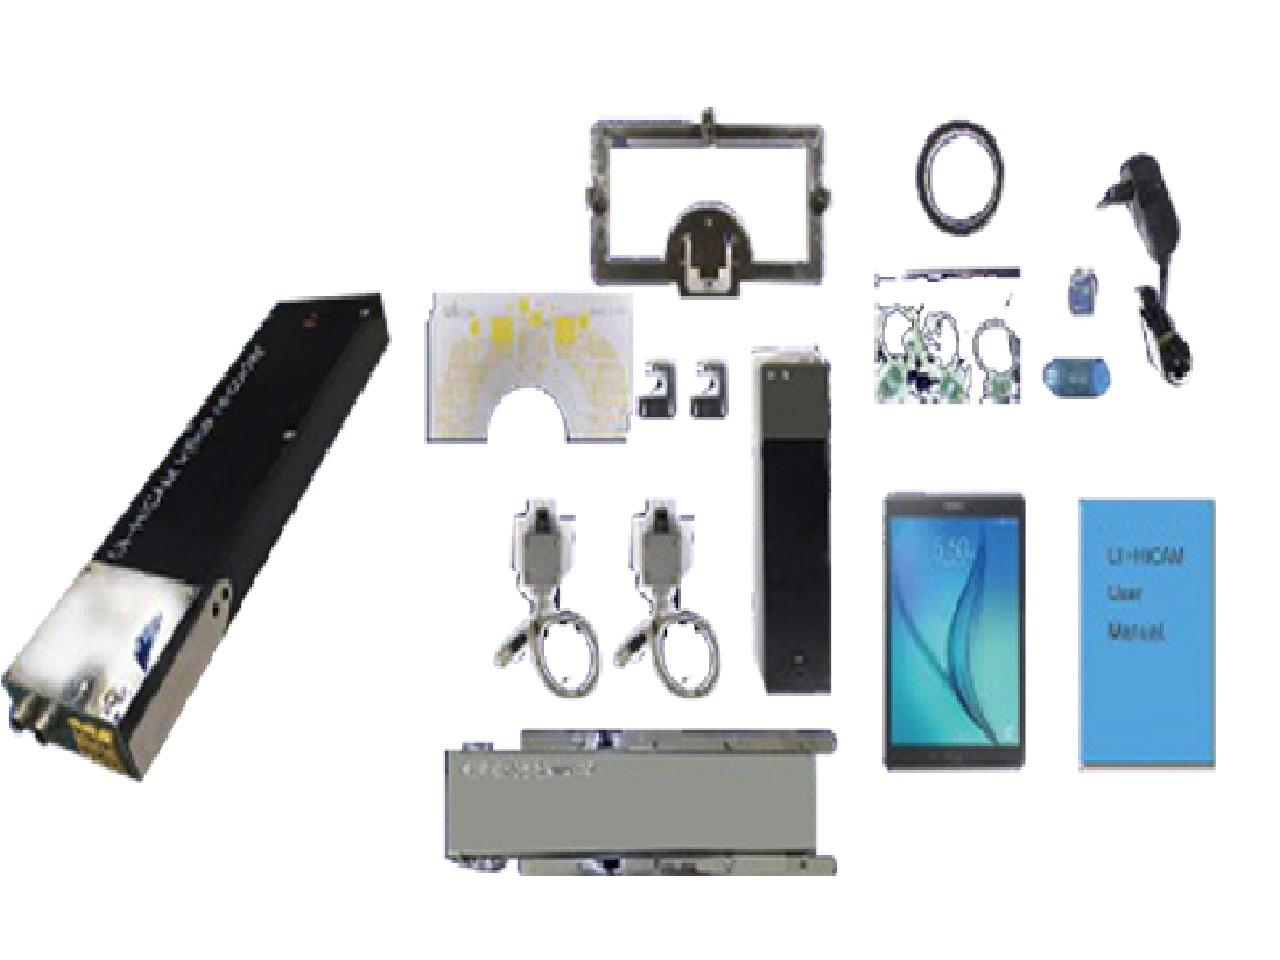 UI-HiCAM Reflow Inline Camera System